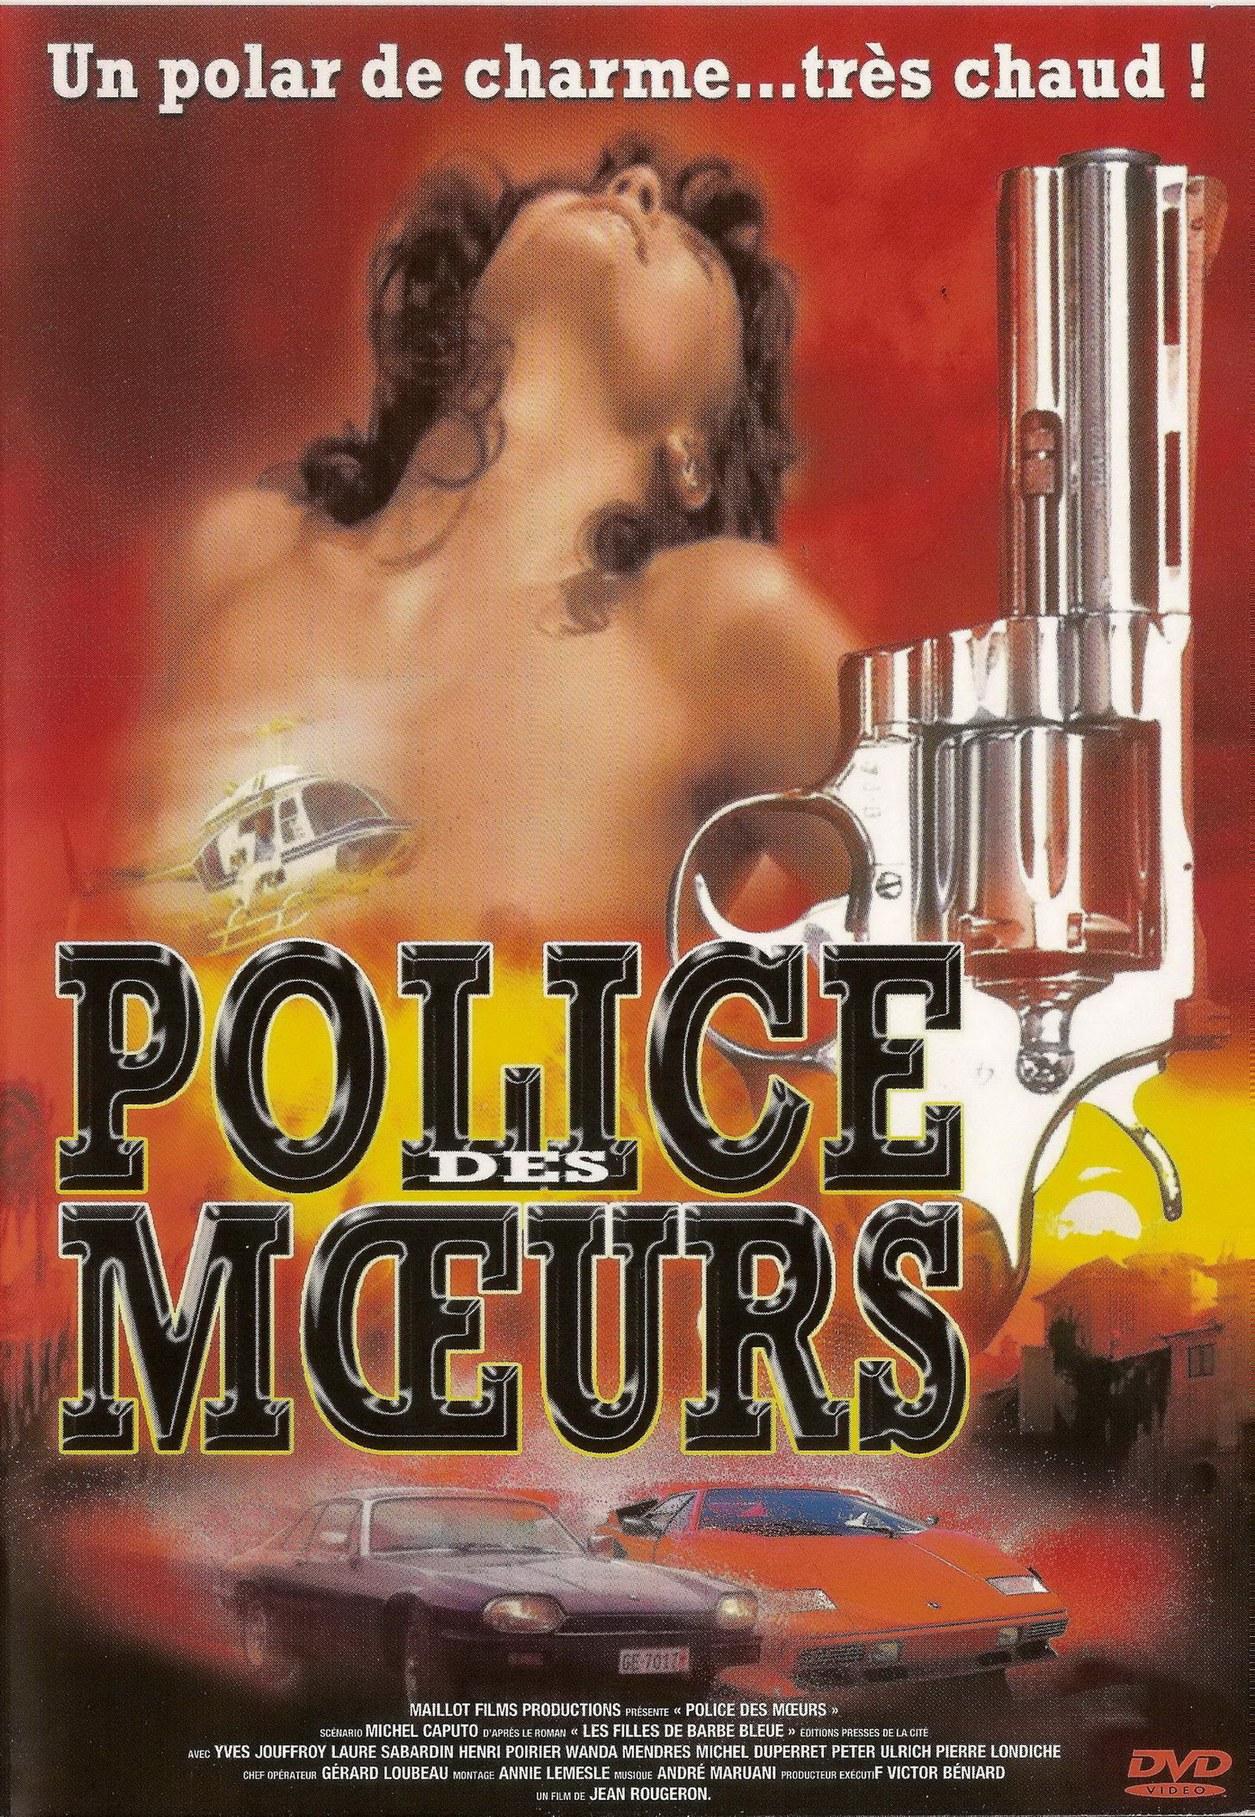 Смотреть менты полиция нравов 2 фотография